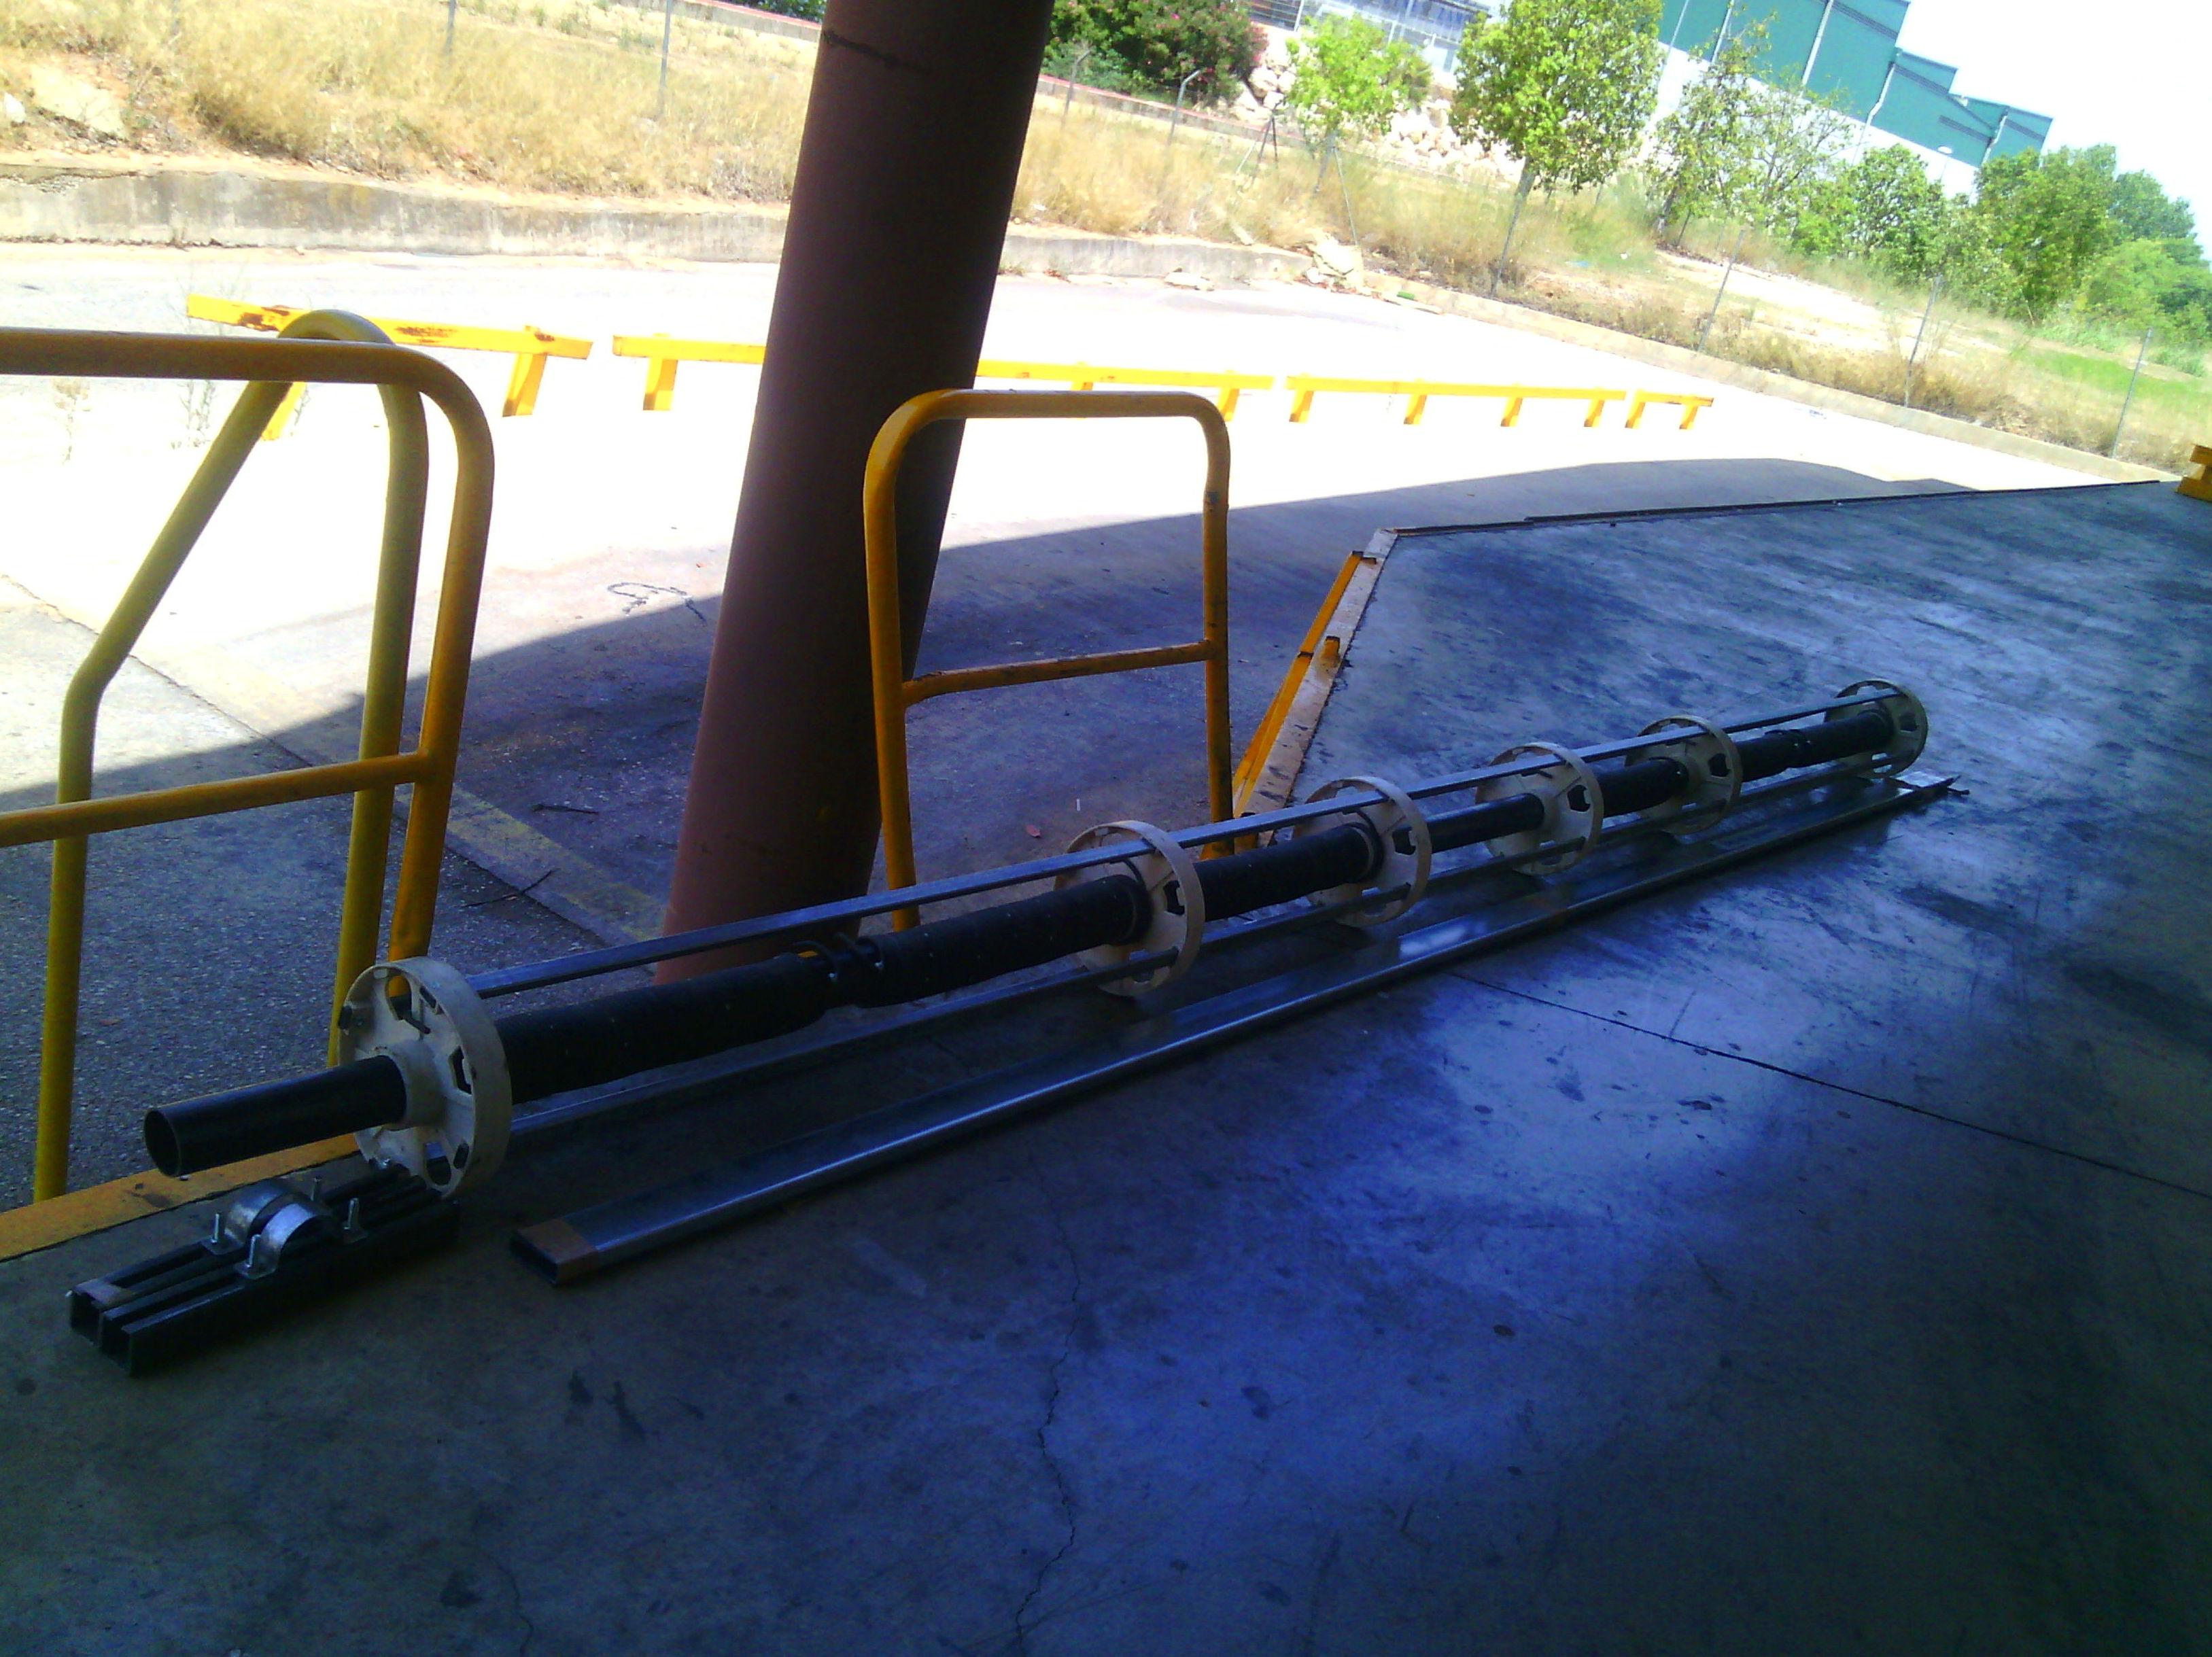 Eje de puerta enrollable industrial enjaulado de 76 milímetros